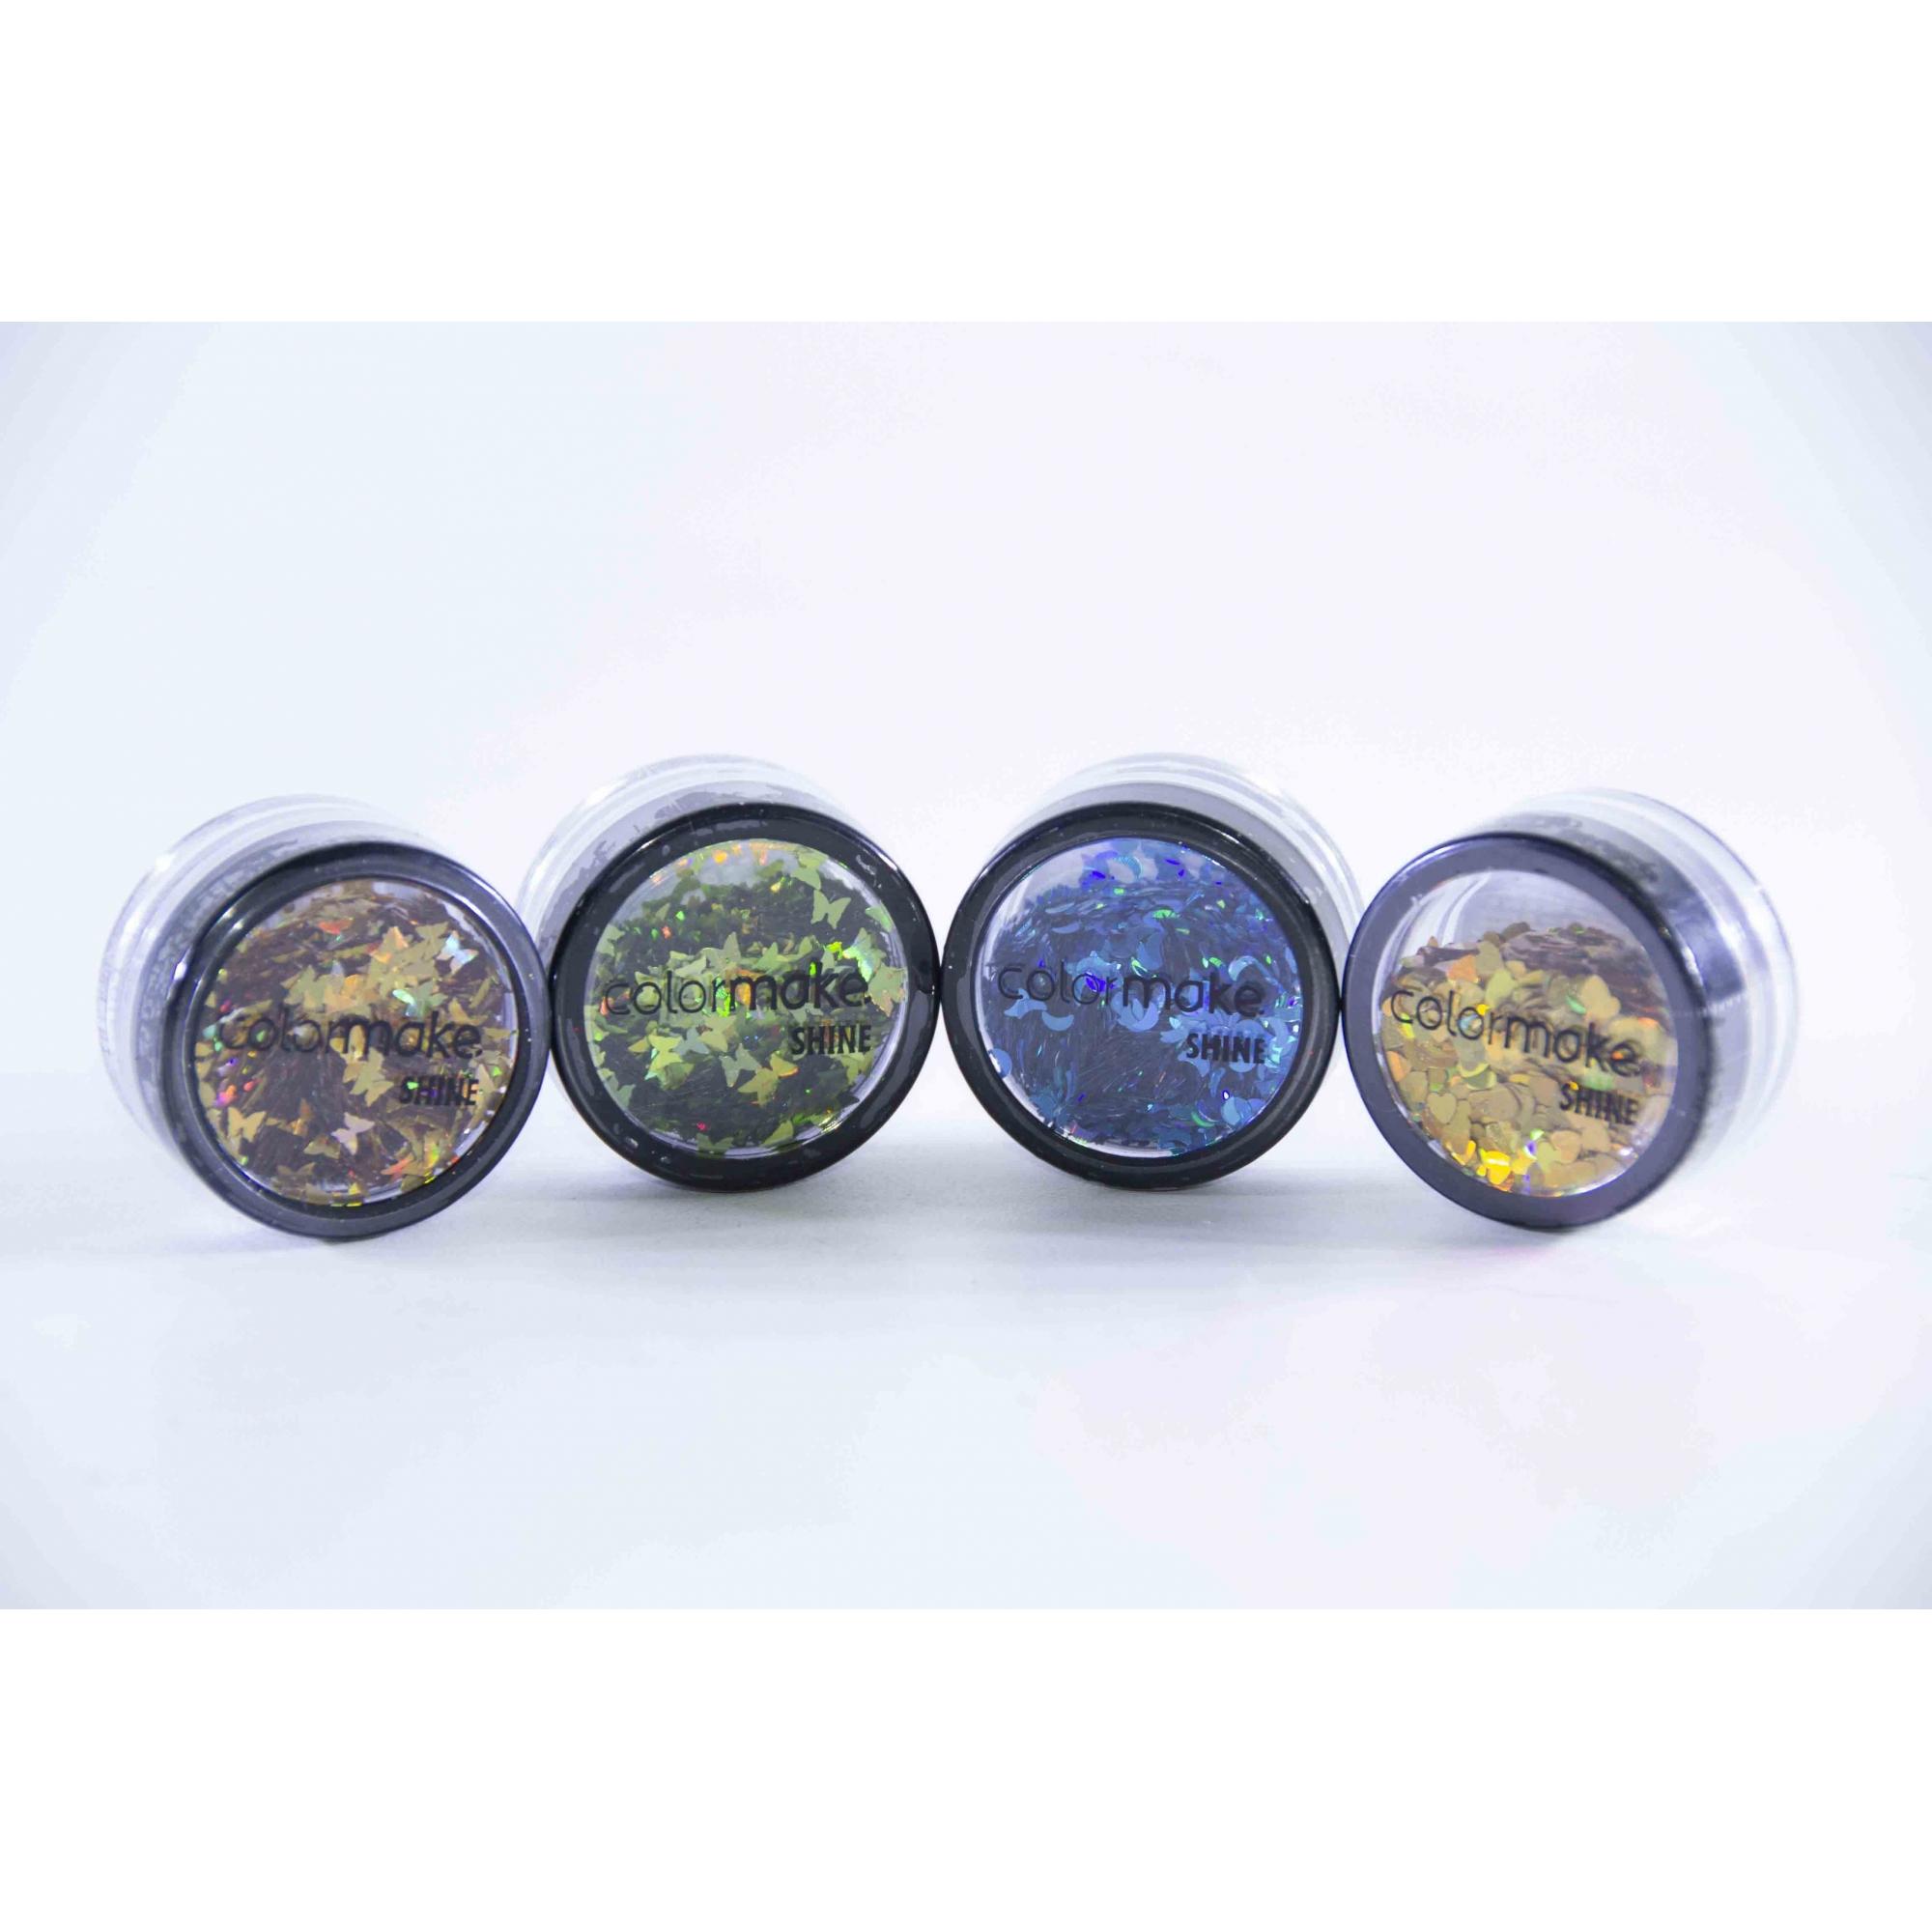 Glitter Shine Borboleta 2G - Color Make